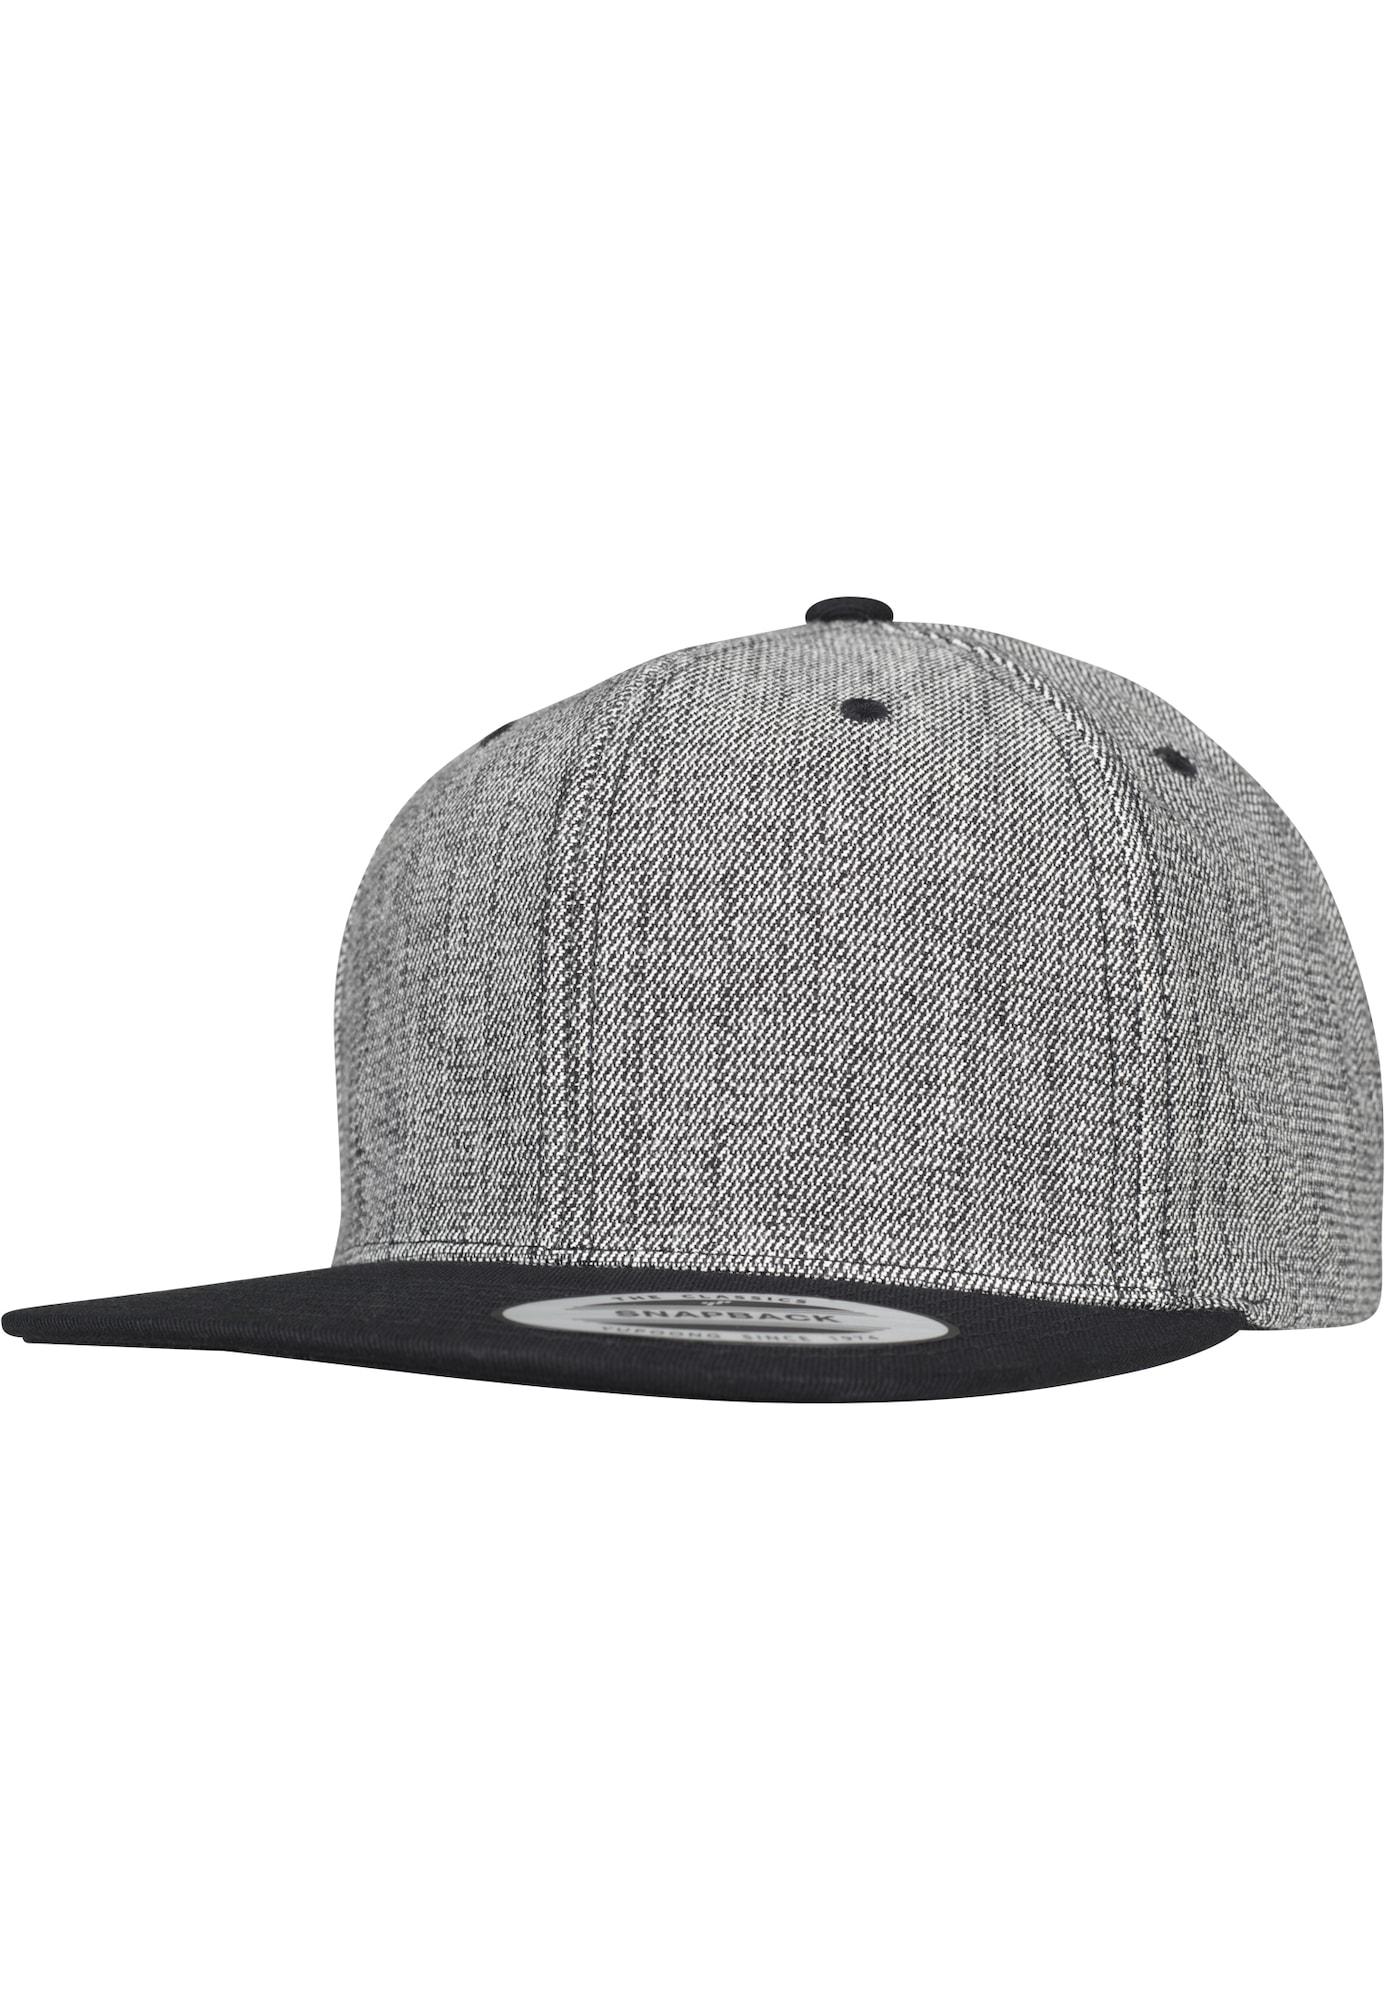 Flexfit Kepurė margai juoda / juoda